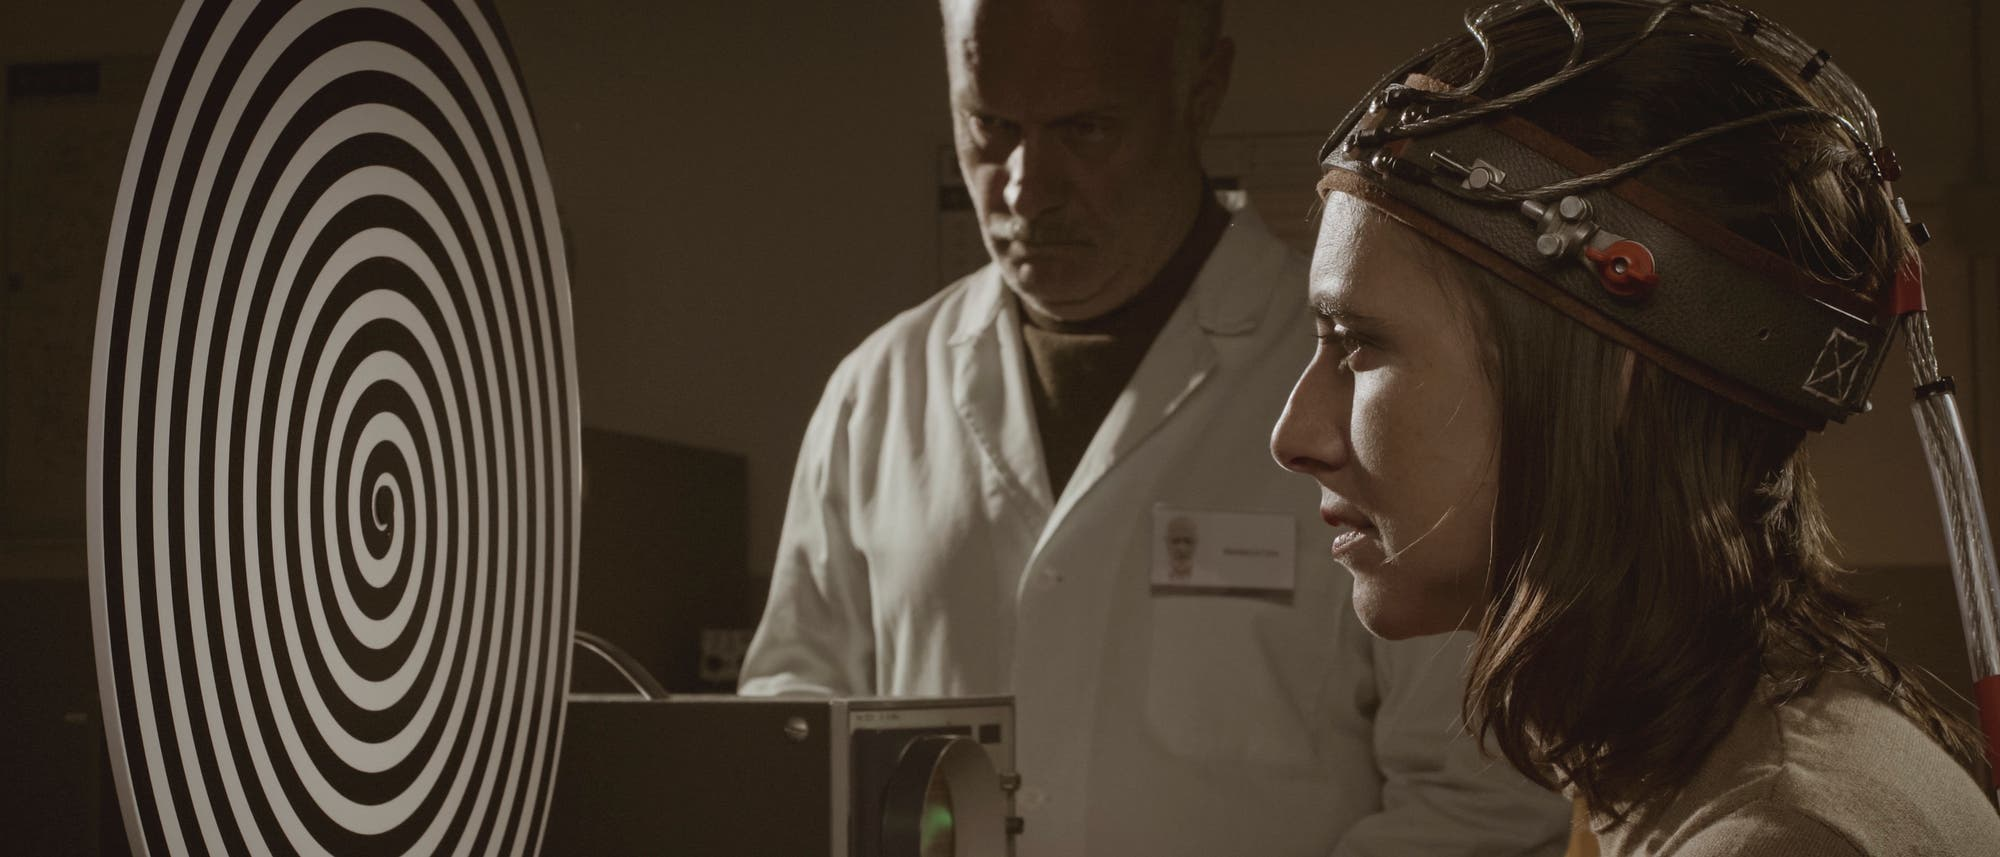 Frau mit Kabeln am Kopf schaut auf eine Spirale, beobachtet von einem Forscher